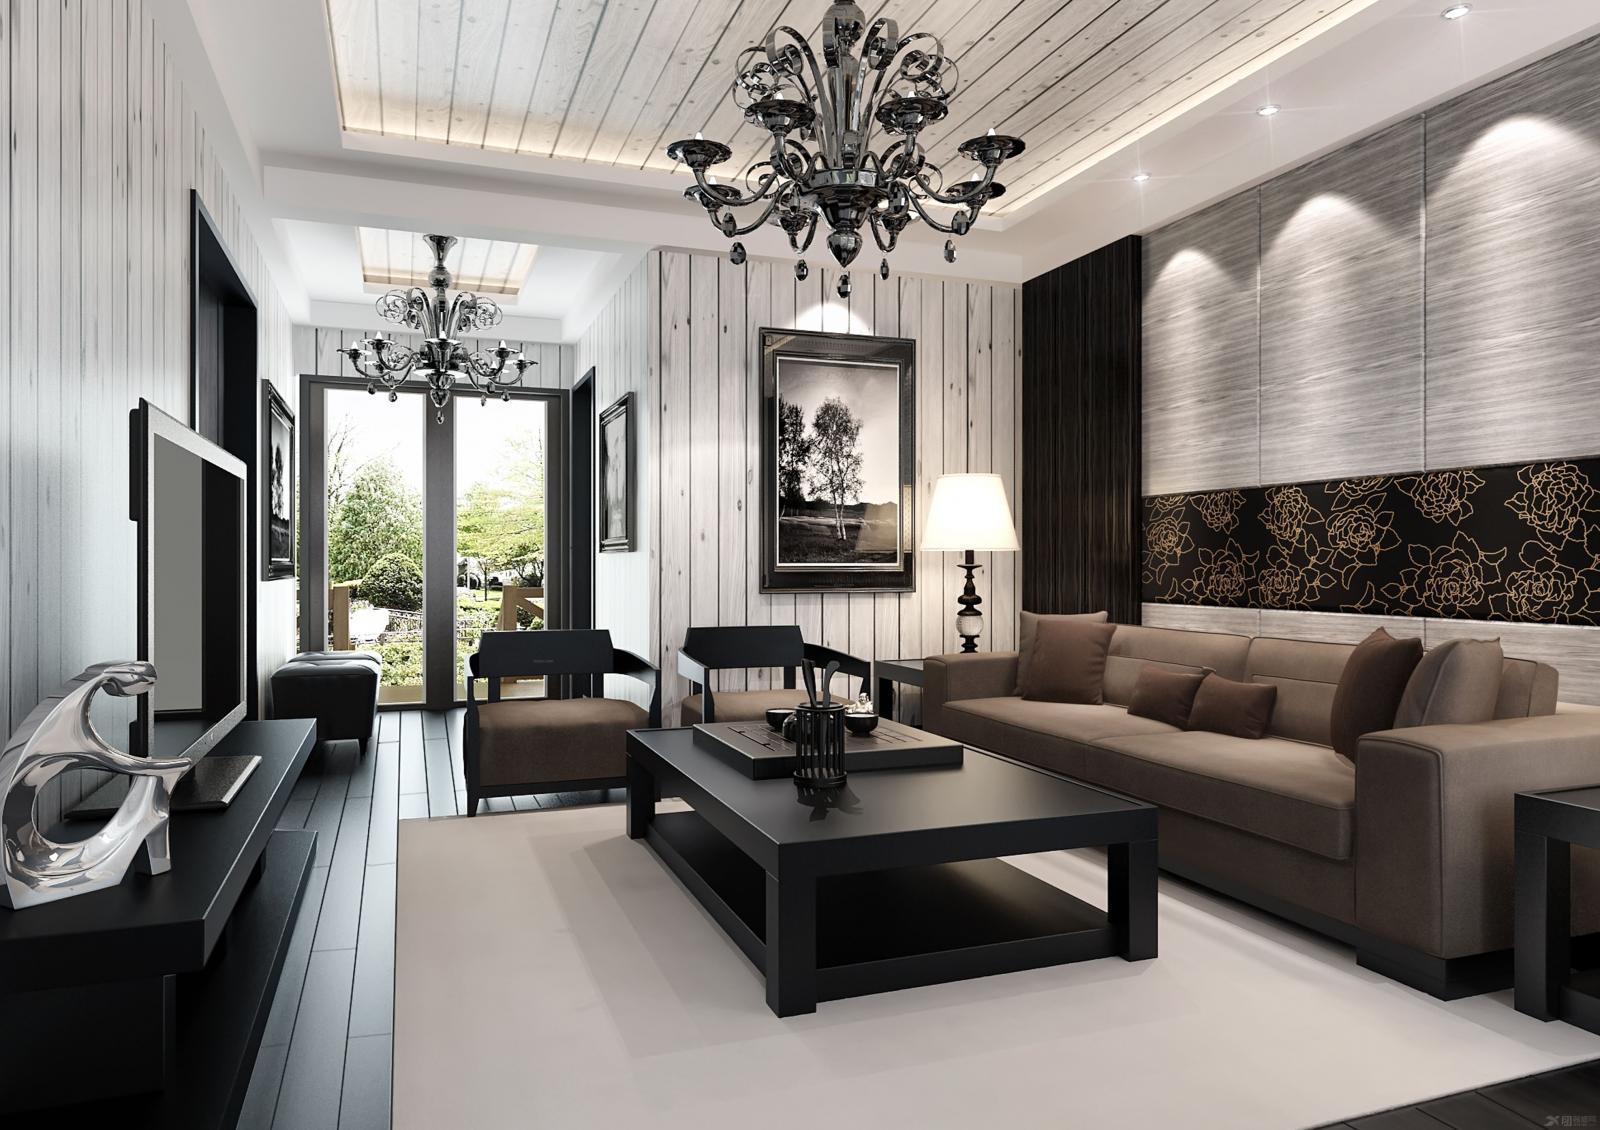 小清新的风格随着炎炎的六月也开始走红于广大年轻人群中,通过清爽舒适的色彩柔和搭配组合,最终呈现一幅唯美自然的画面,再配合现代家具的新奇创意,最终以完美的身份出现。  时尚的转角沙发,绿色的坐垫顿时让人心情舒畅,配合着清新纯色的抱枕,完美的搭配让客厅沉浸在春天甜蜜的季节里。